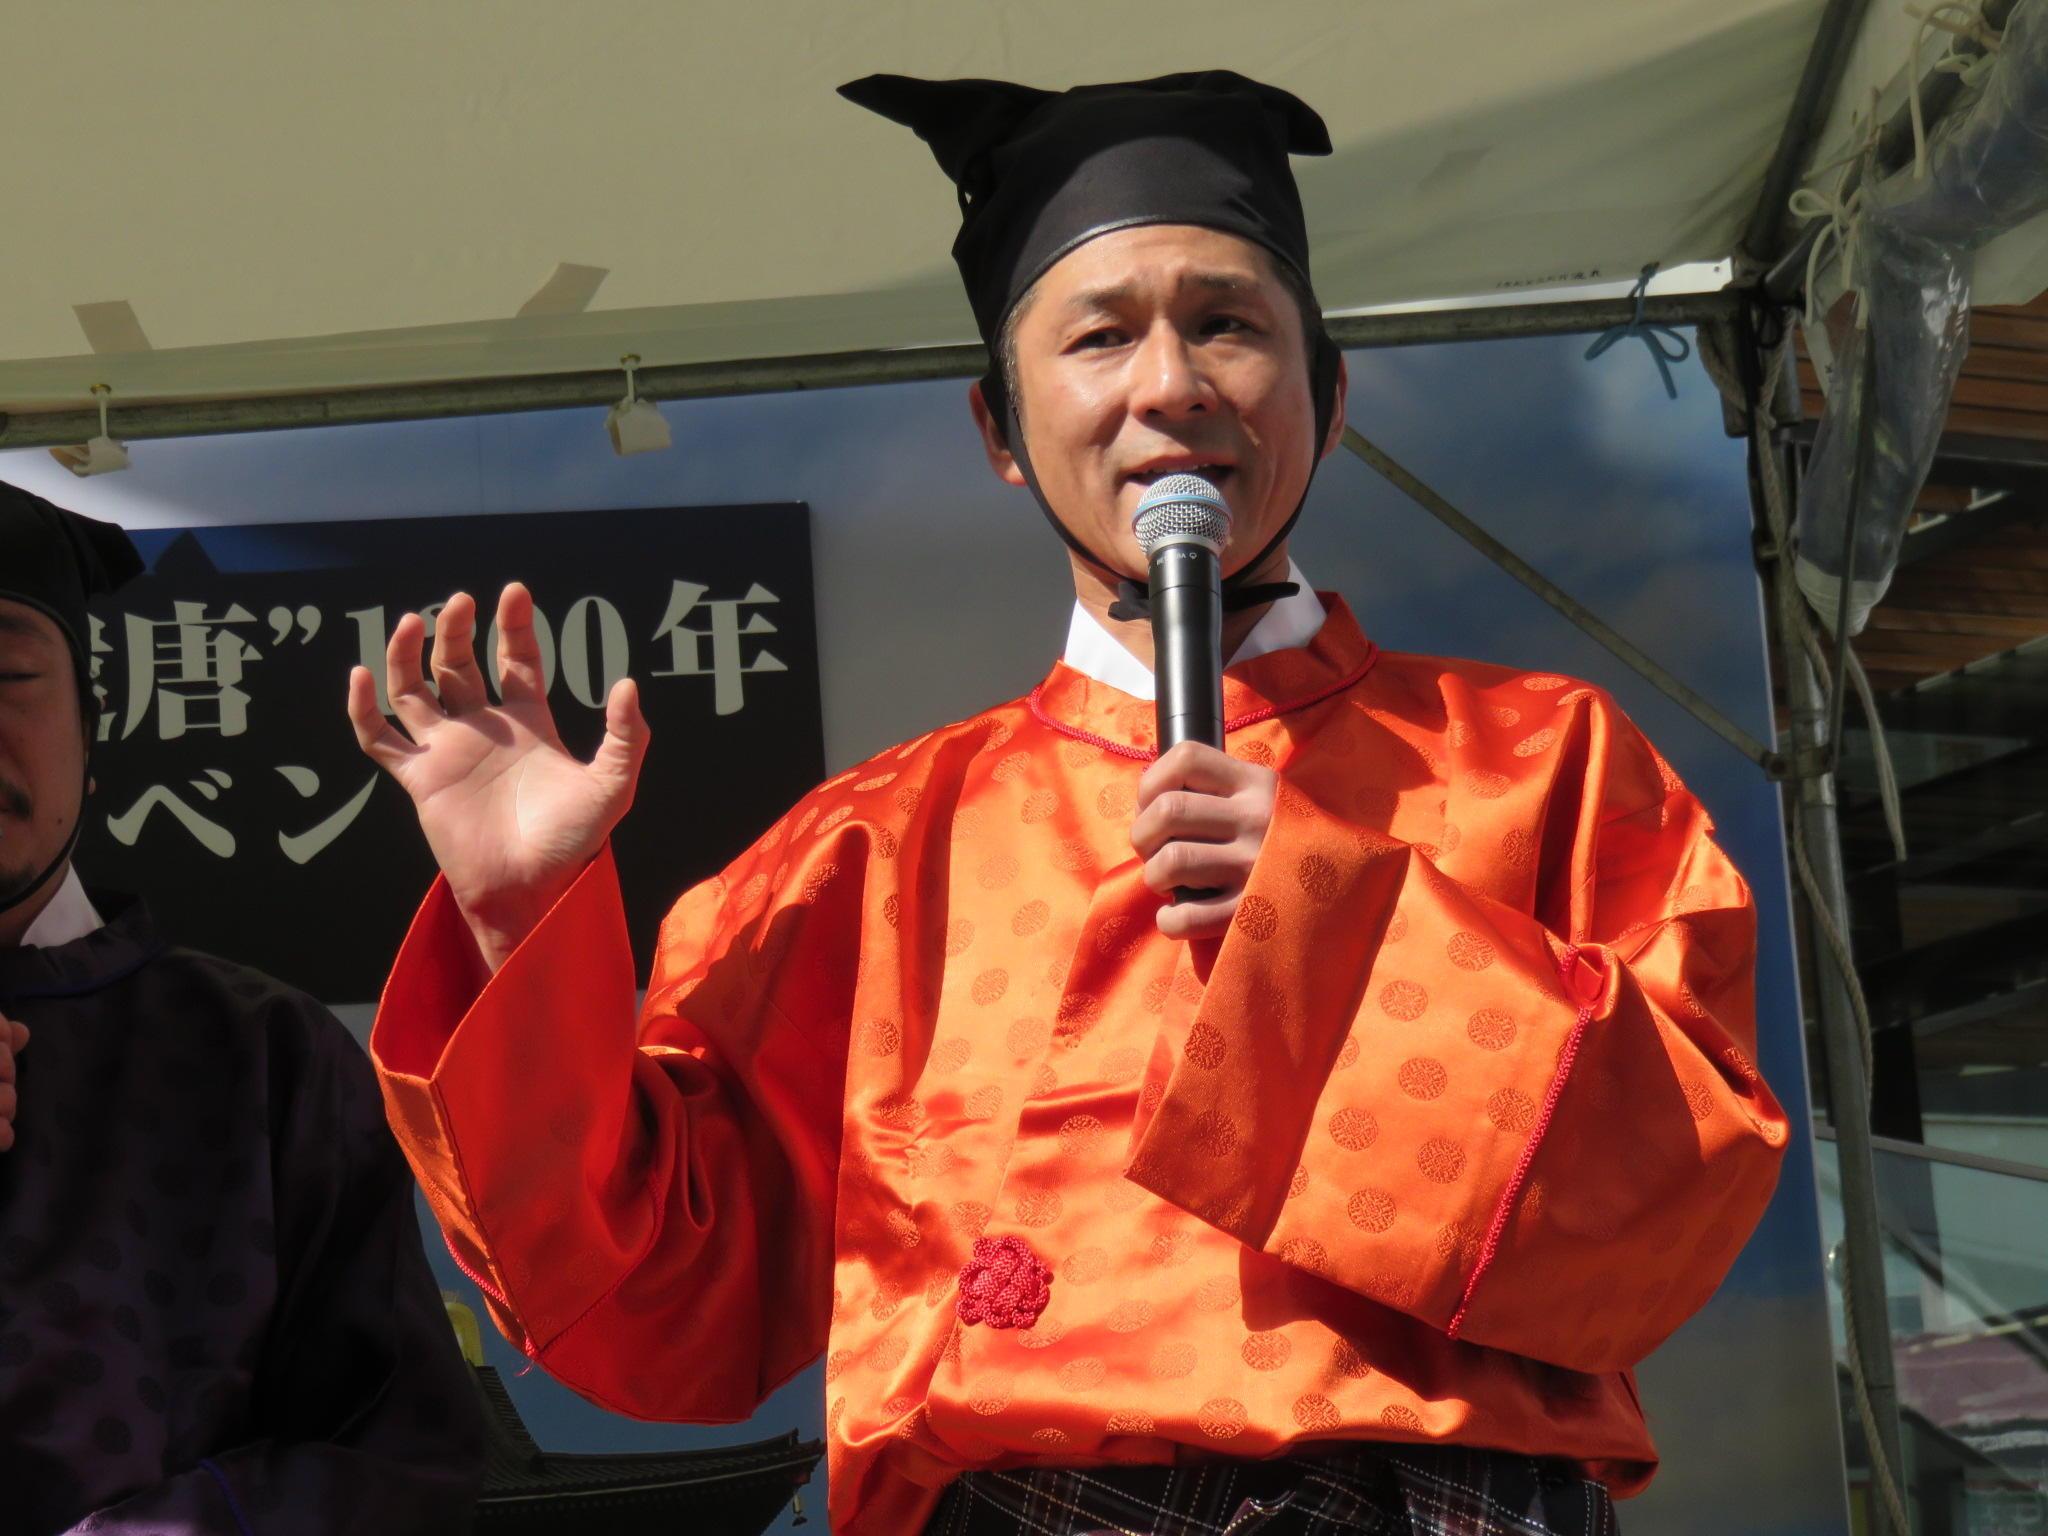 http://news.yoshimoto.co.jp/20170320220534-2b53a4cff759fb041f14e1906d234e442de54234.jpg